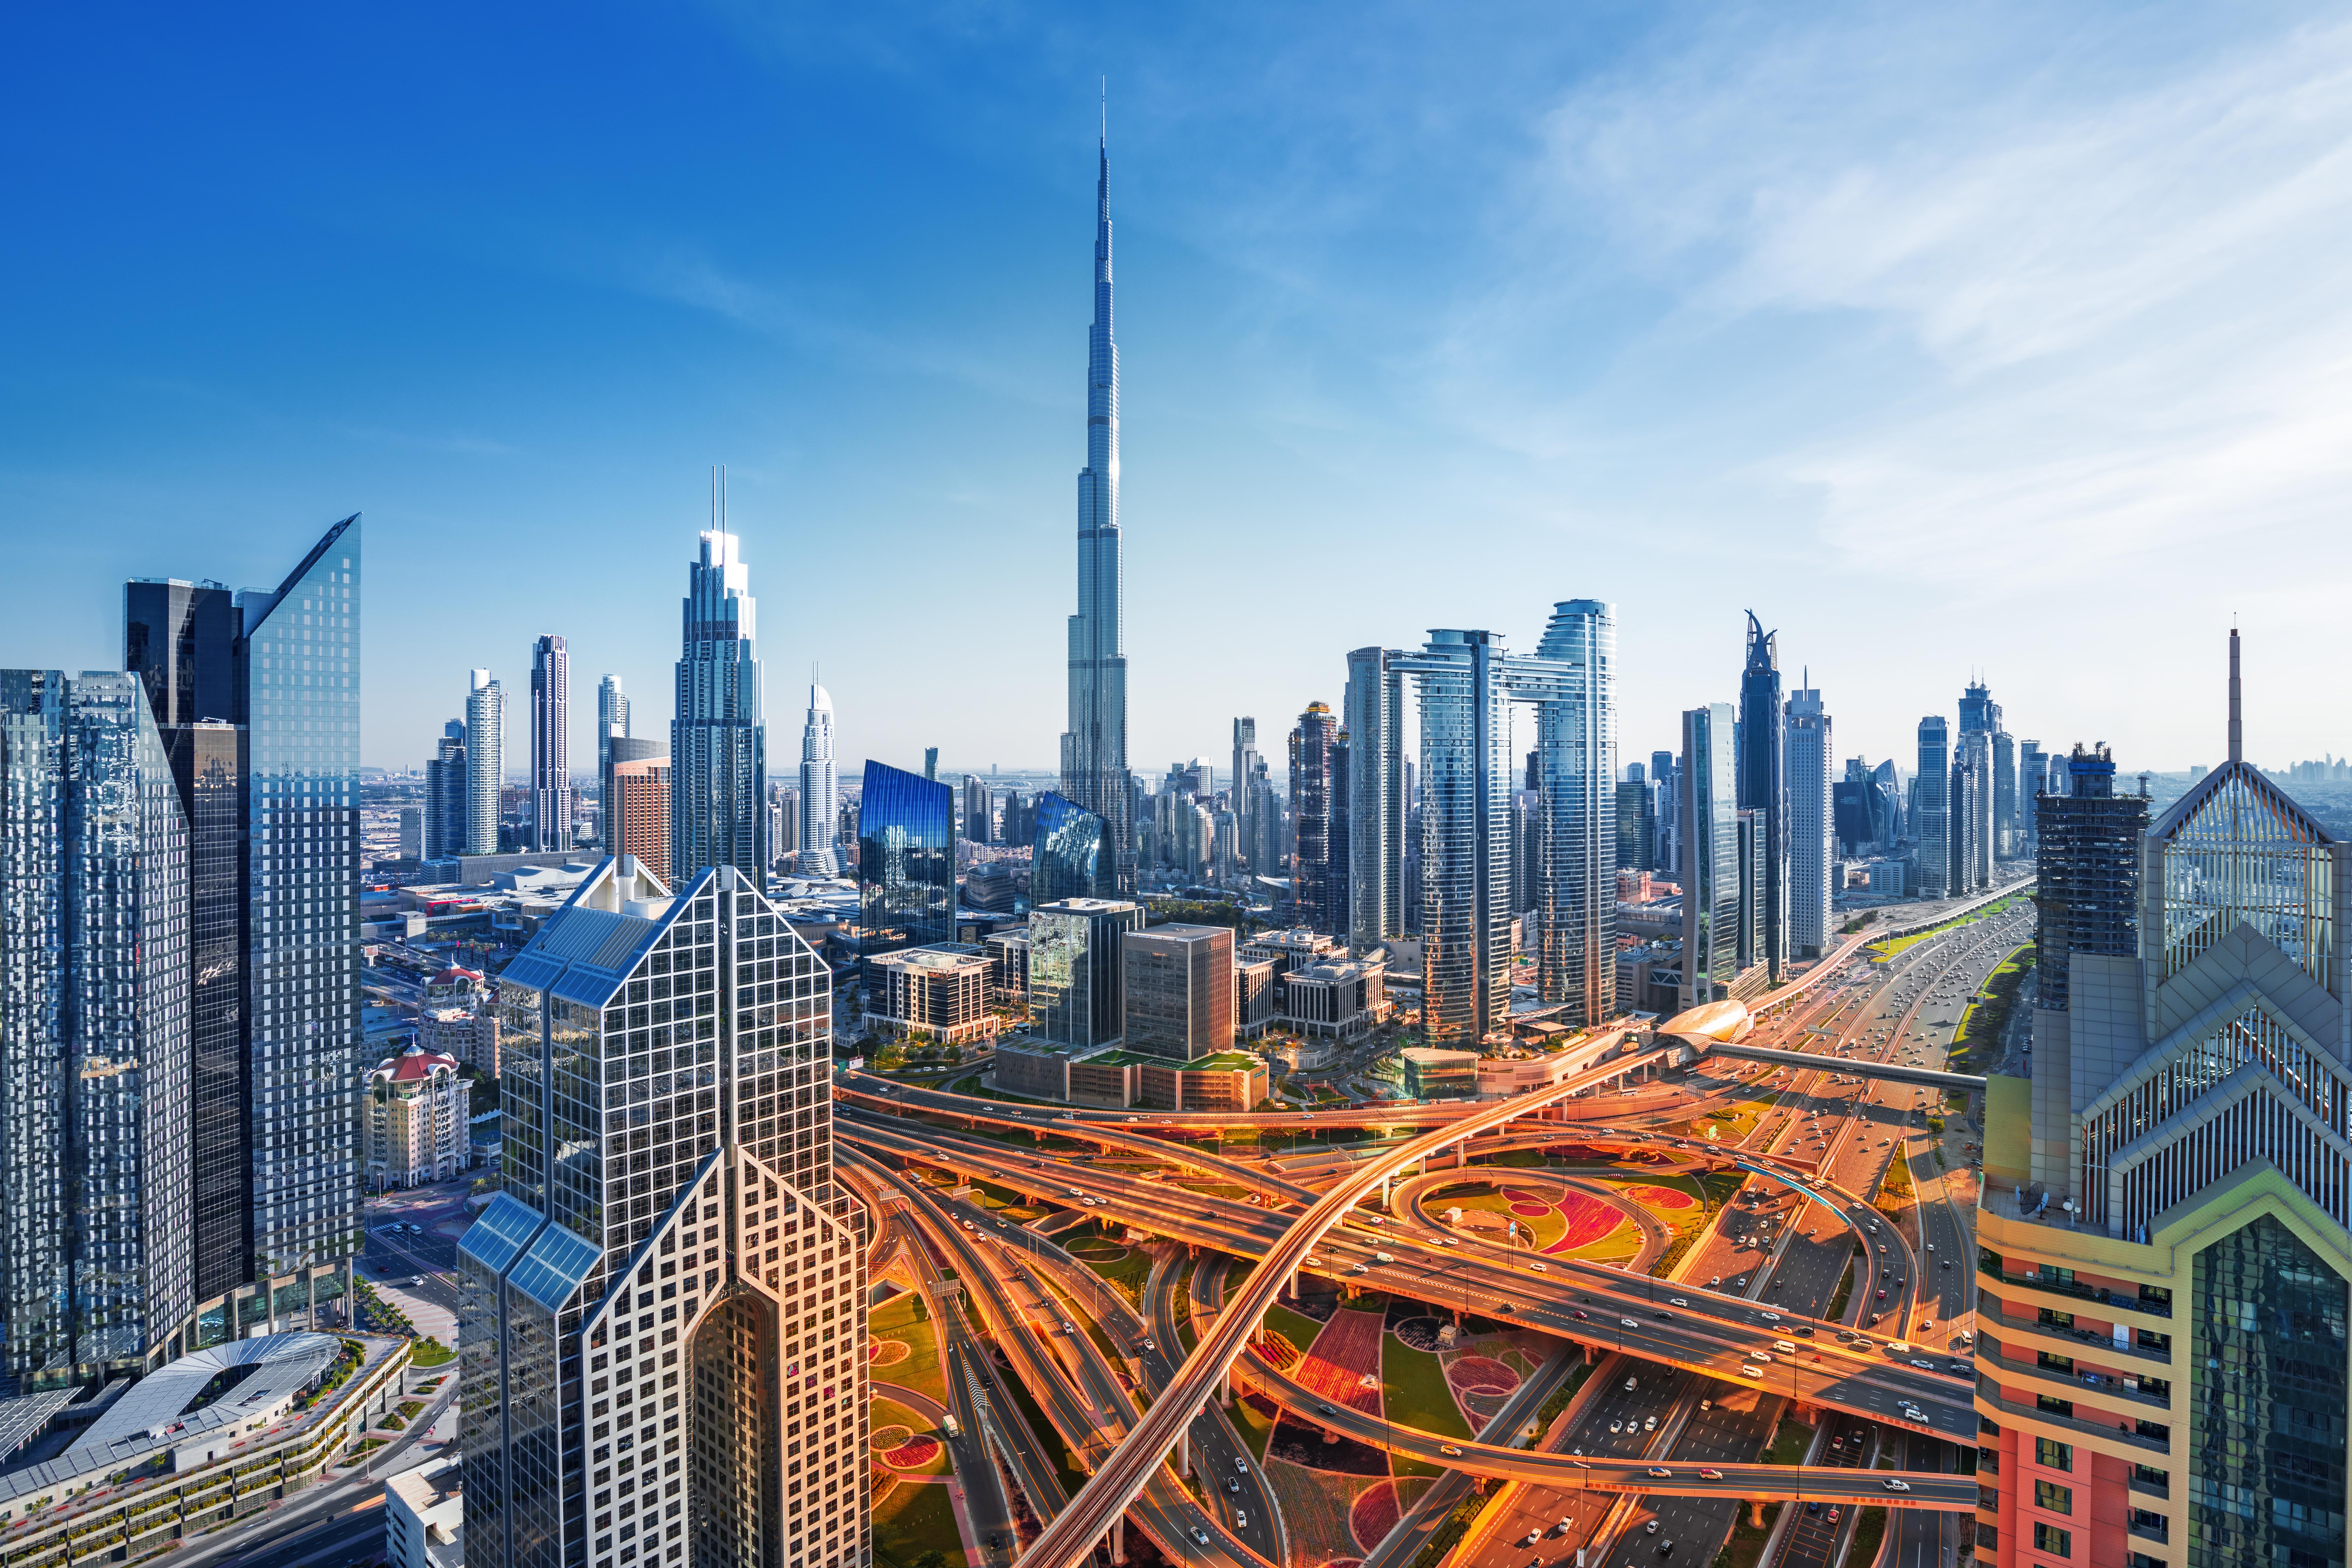 Dubai,-,Amazing,Skyline,Of,City,Center,,United,Arab,Emirates